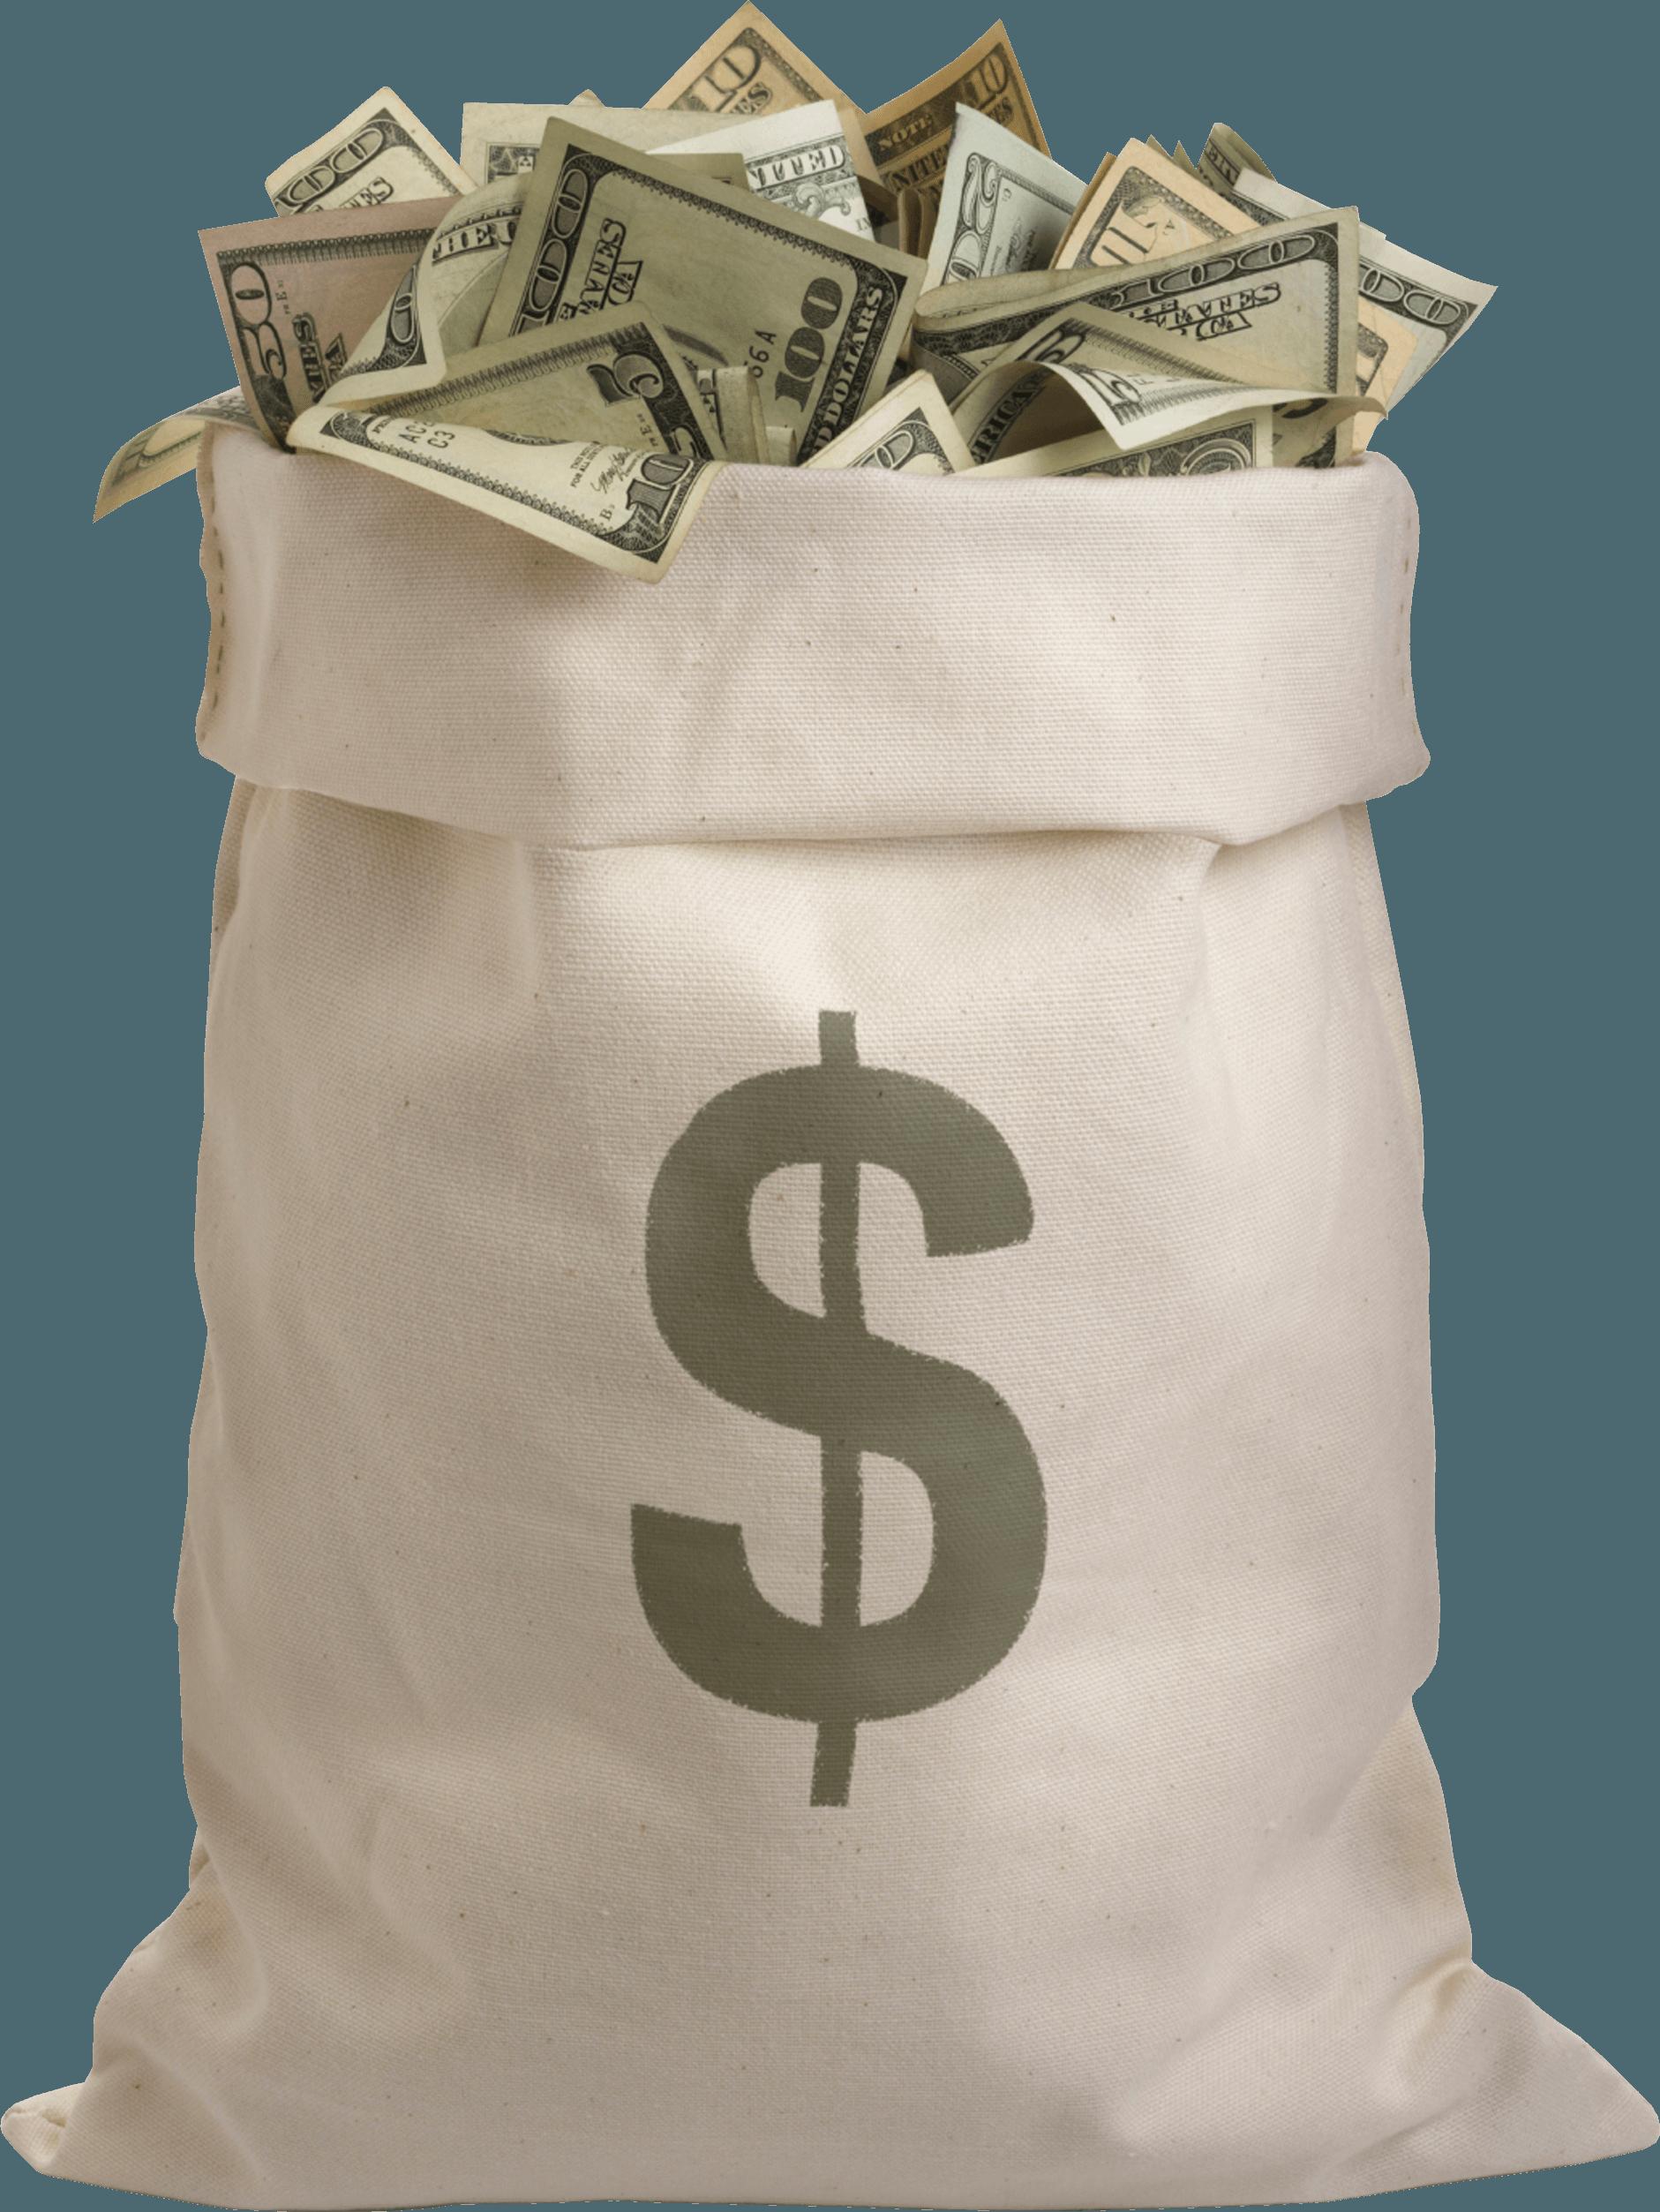 Download Money Bag Png Image HQ PNG Image   FreePNGImg